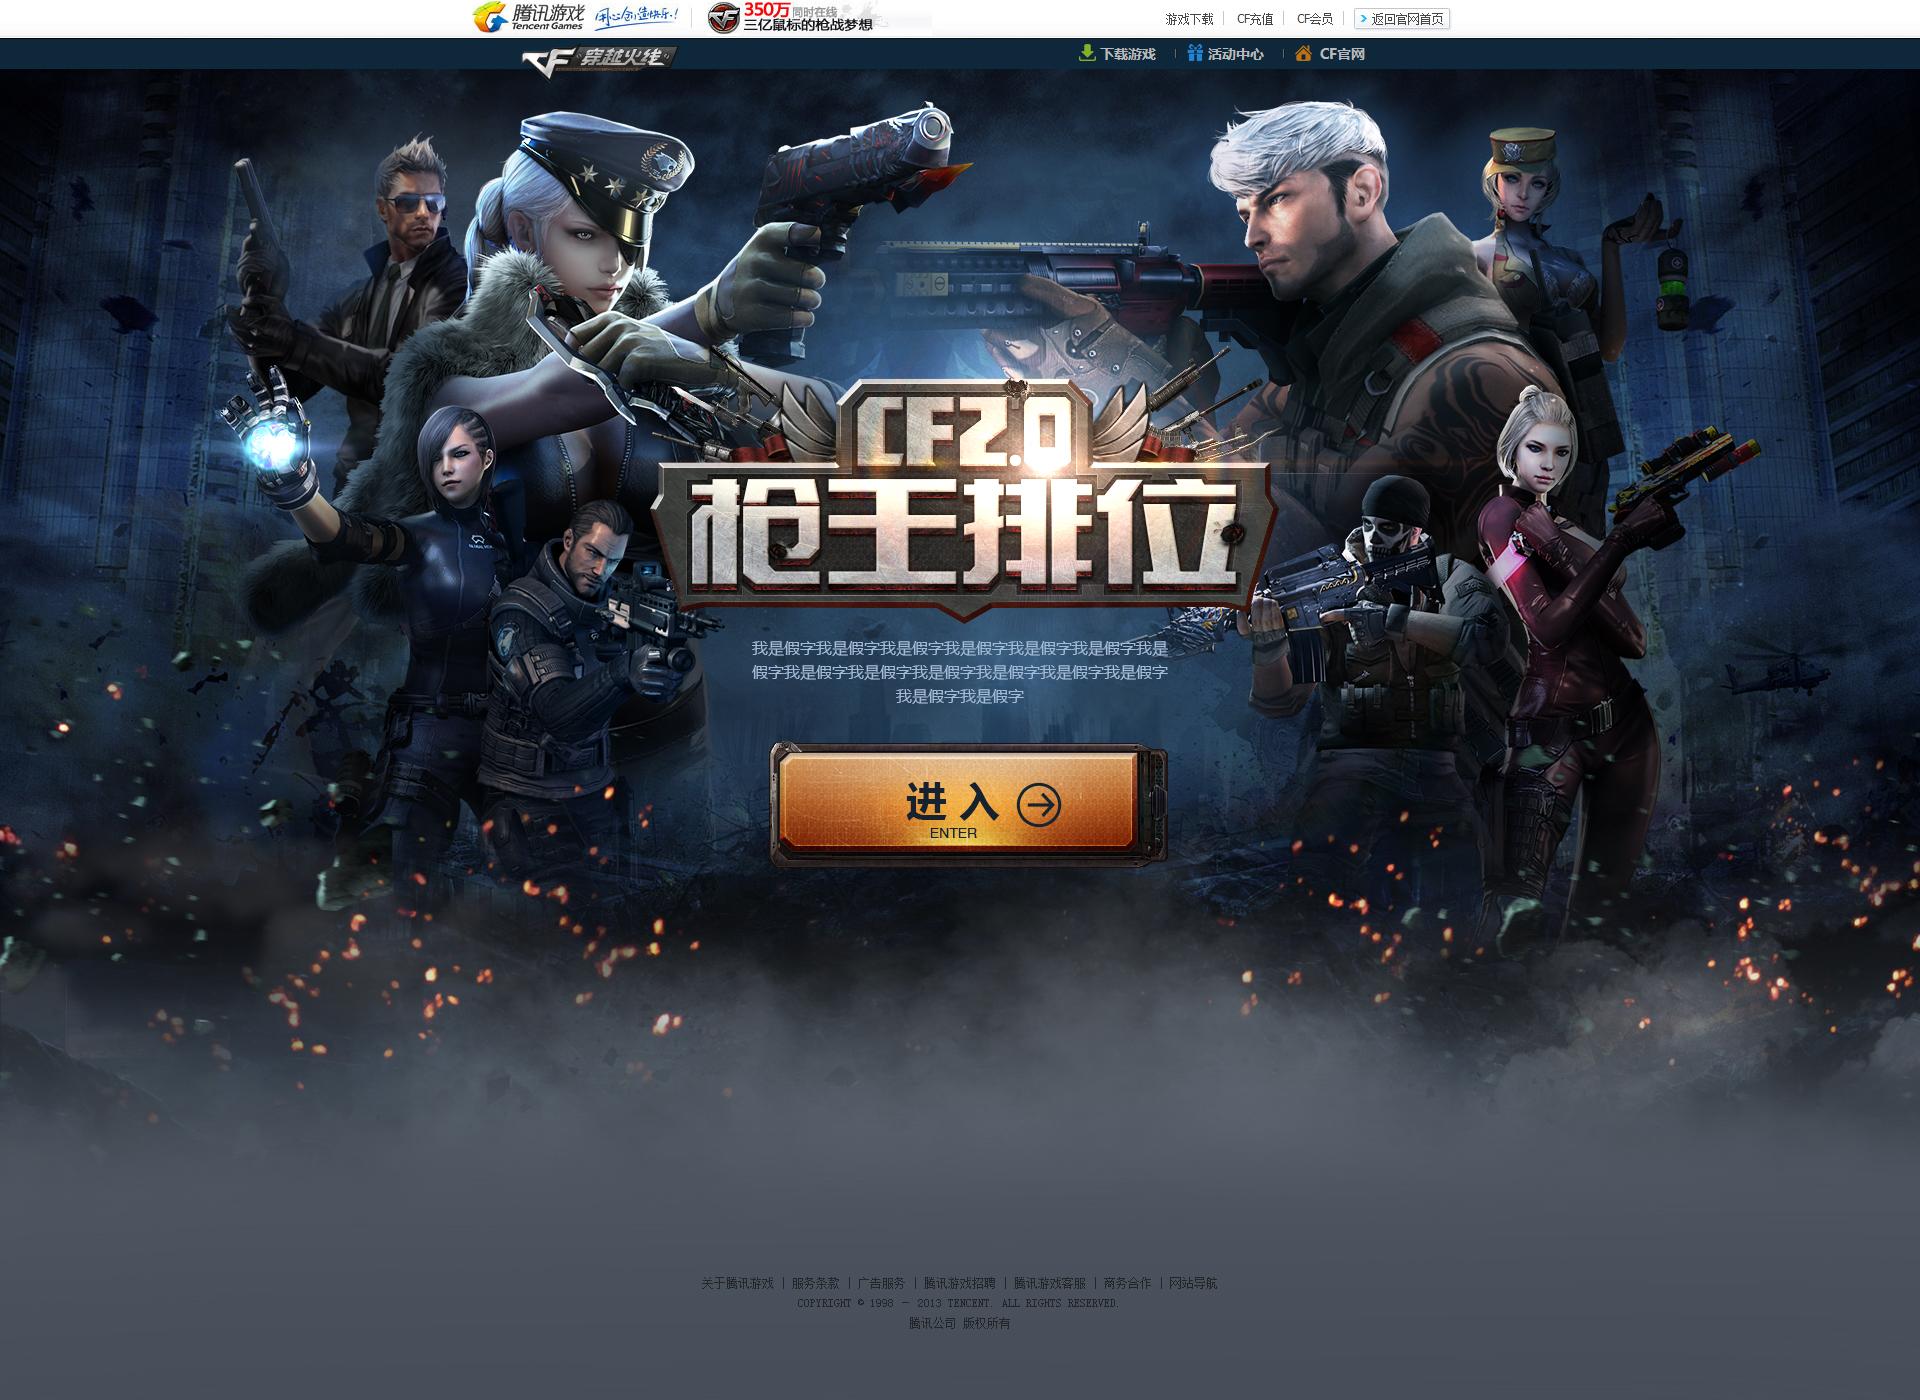 飞机稿|网页|游戏/娱乐|nnna - 原创作品 - 站酷